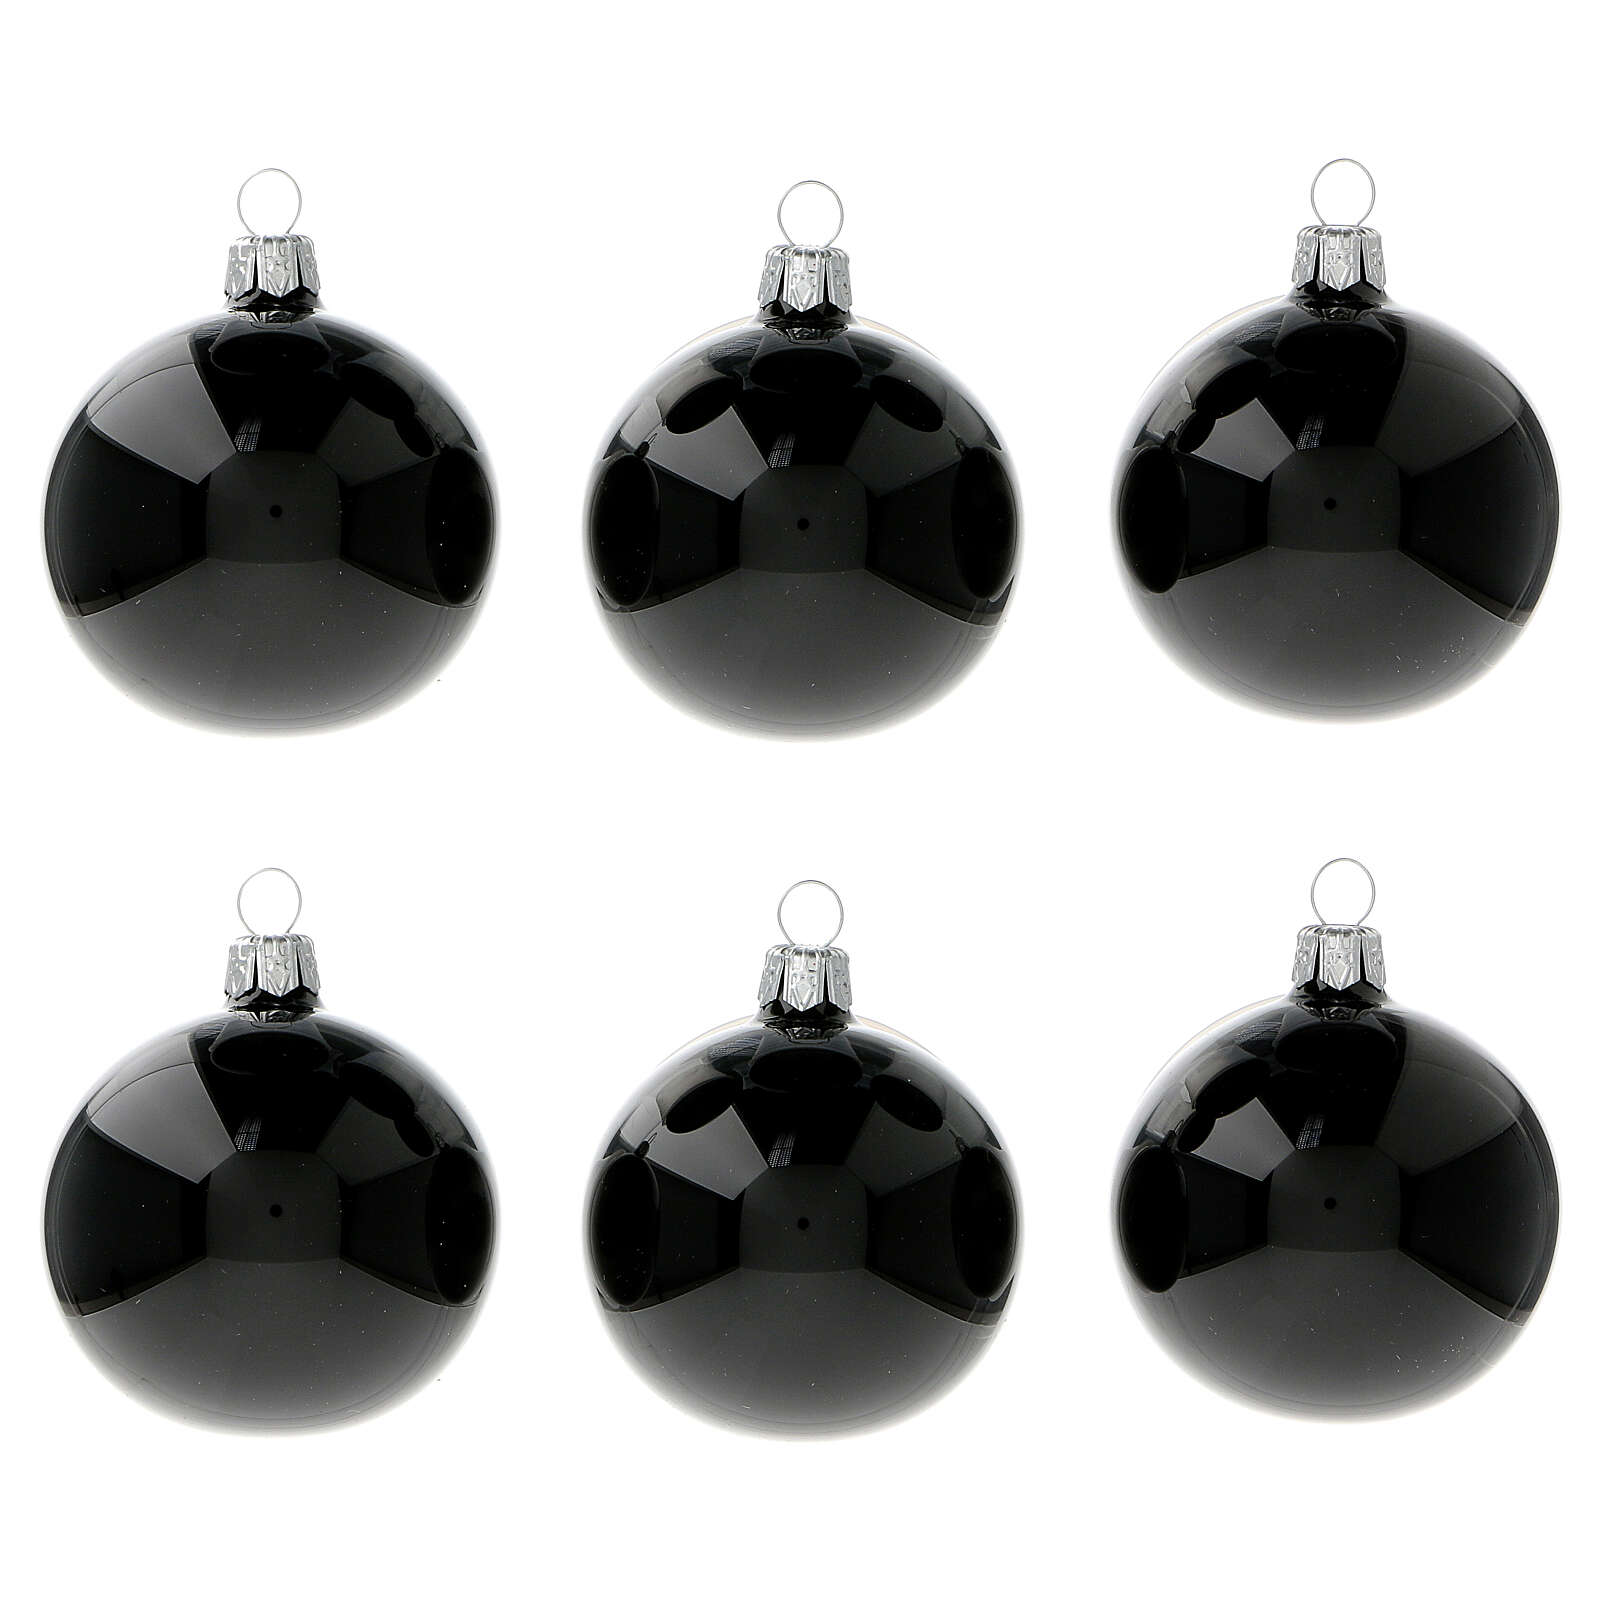 Palline albero Natale nero lucido 60 mm vetro soffiato 6 pz 4